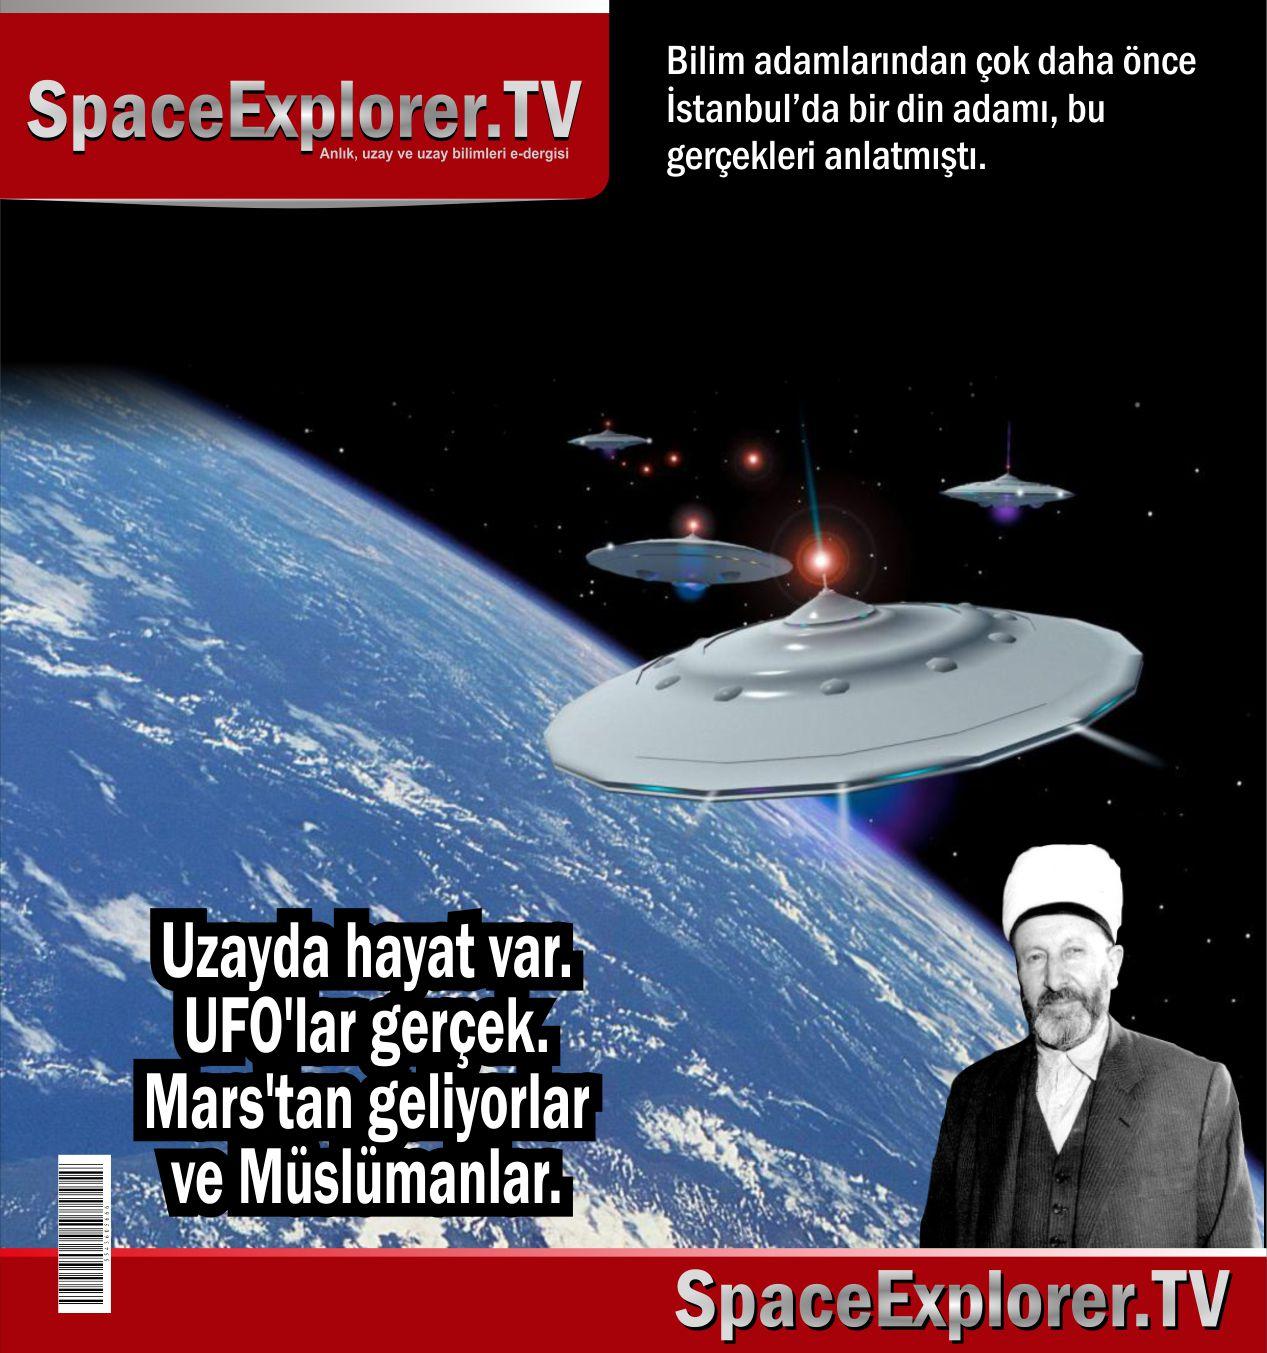 Süleyman Hilmi Tunahan, UFO, UFO'lar gerçek mi?, Mars, Mars'ta yaşam var mı, Müslüman uzaylılar, Müslüman bilim adamları, Merih, NASA, NASA astronotlarının itirafları,